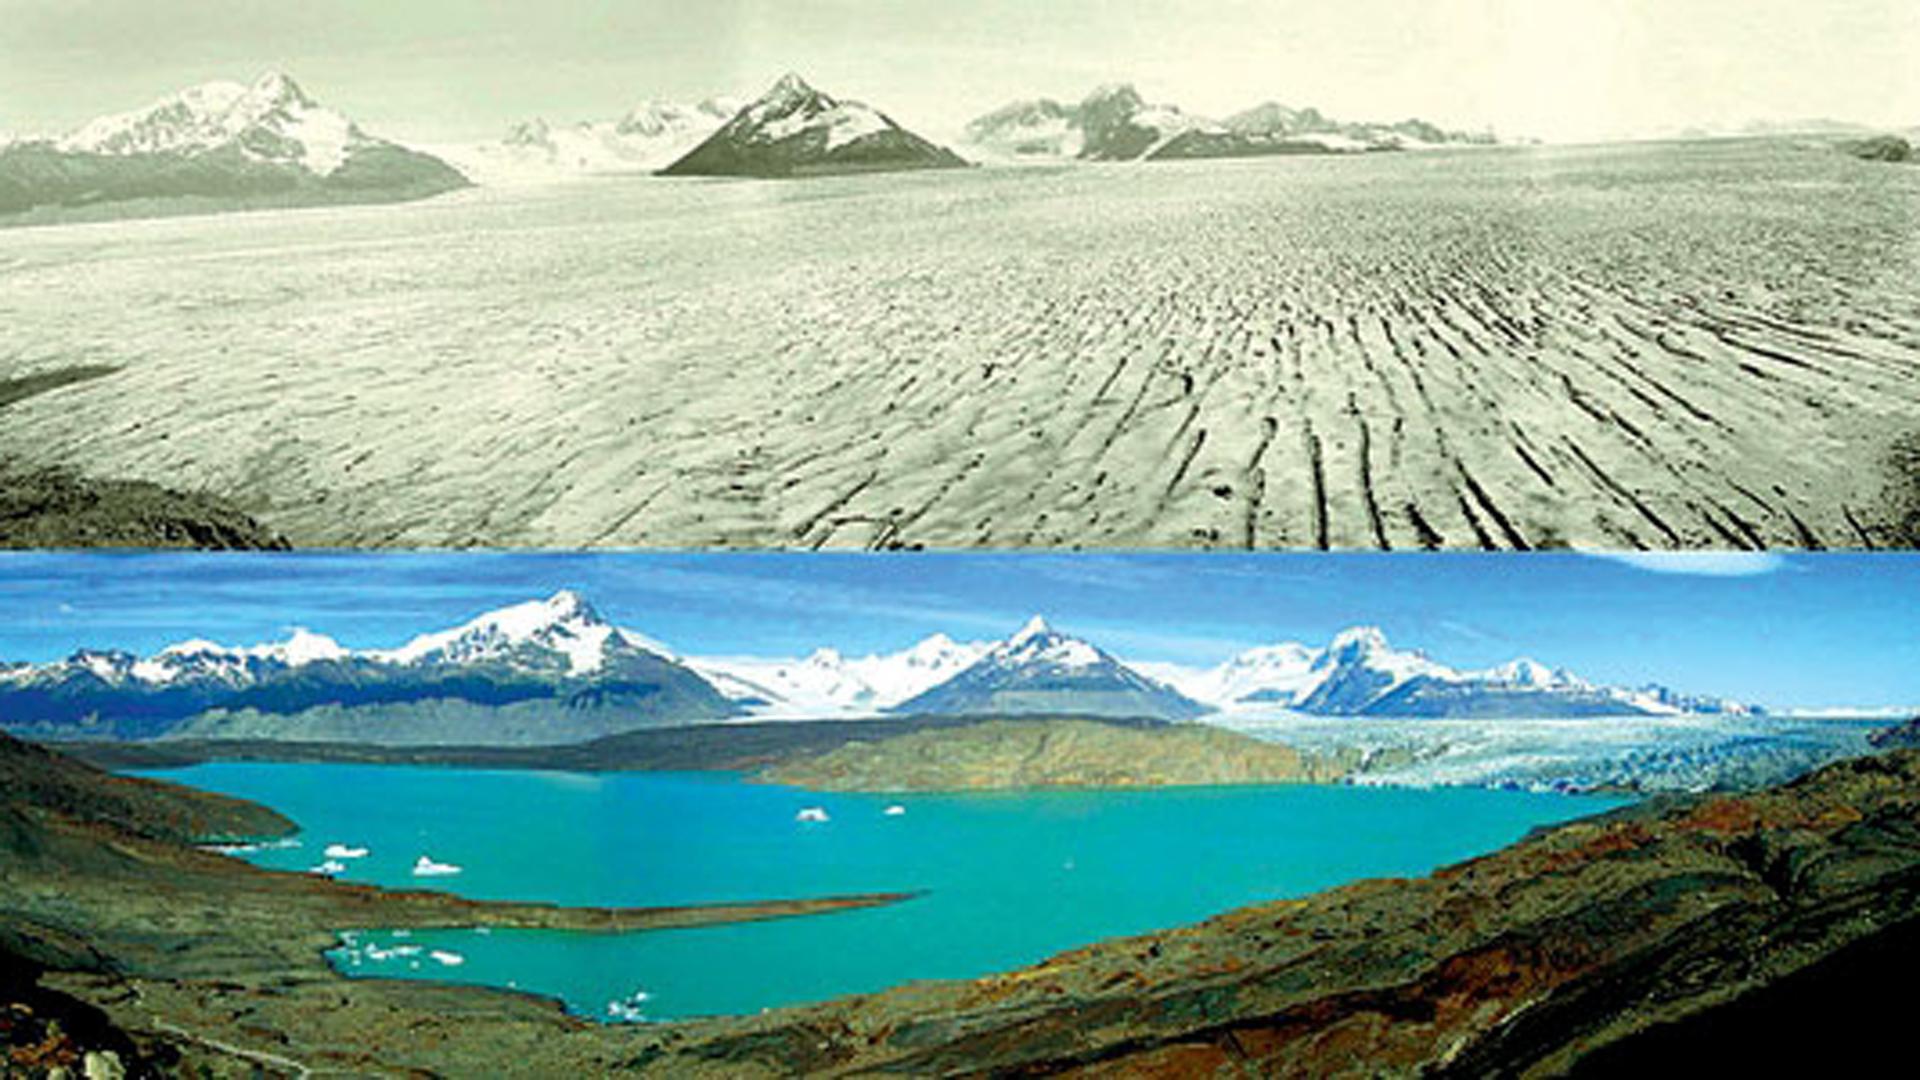 El glaciar Upsala, en la Patagonia Argentina, en una foto del año 1928 y 2004, con el evidente retroceso de sus hielos